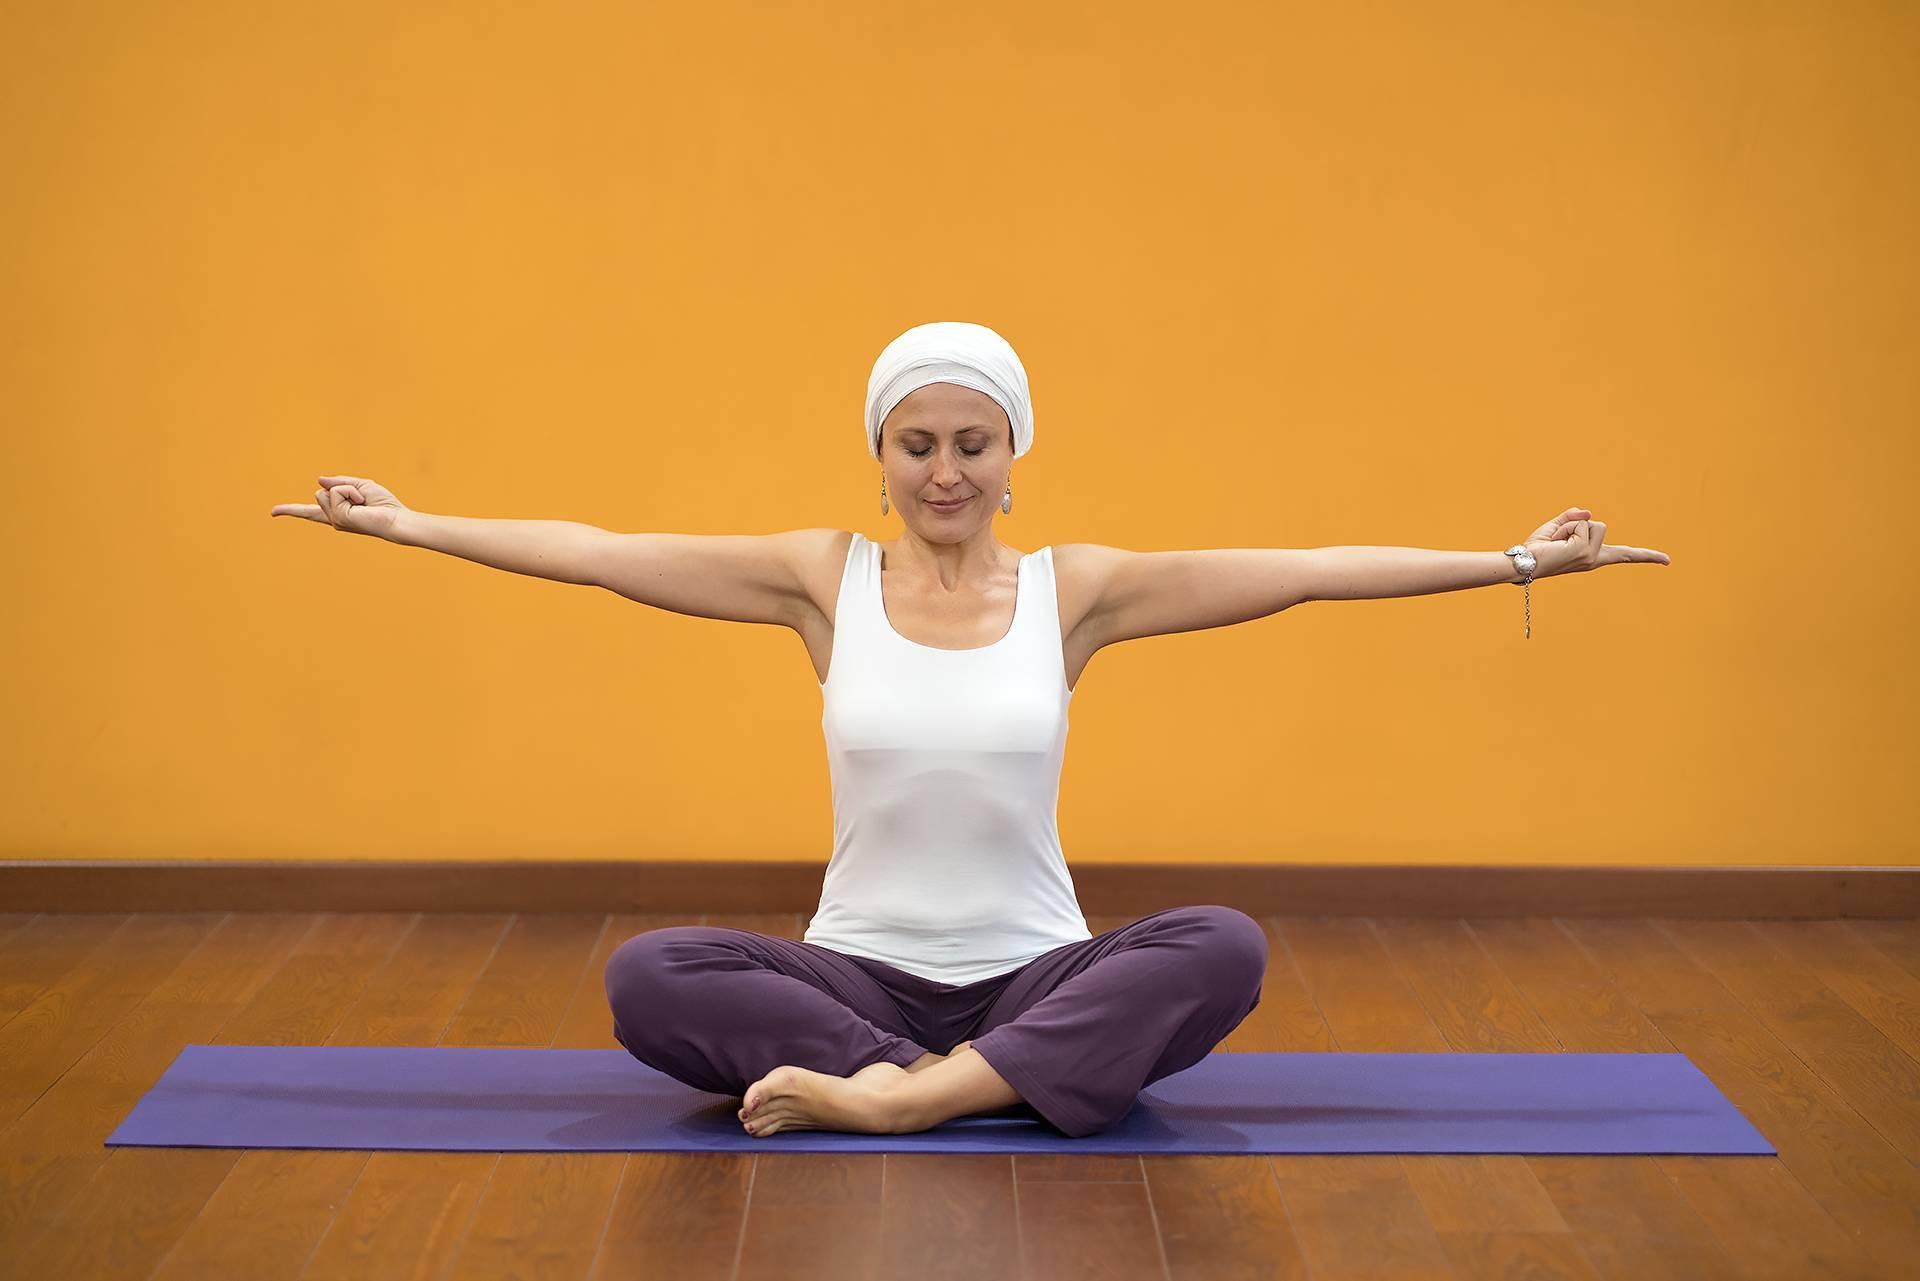 Йога для лица: 6 упражнений помогут выглядеть как после процедур лифтинга